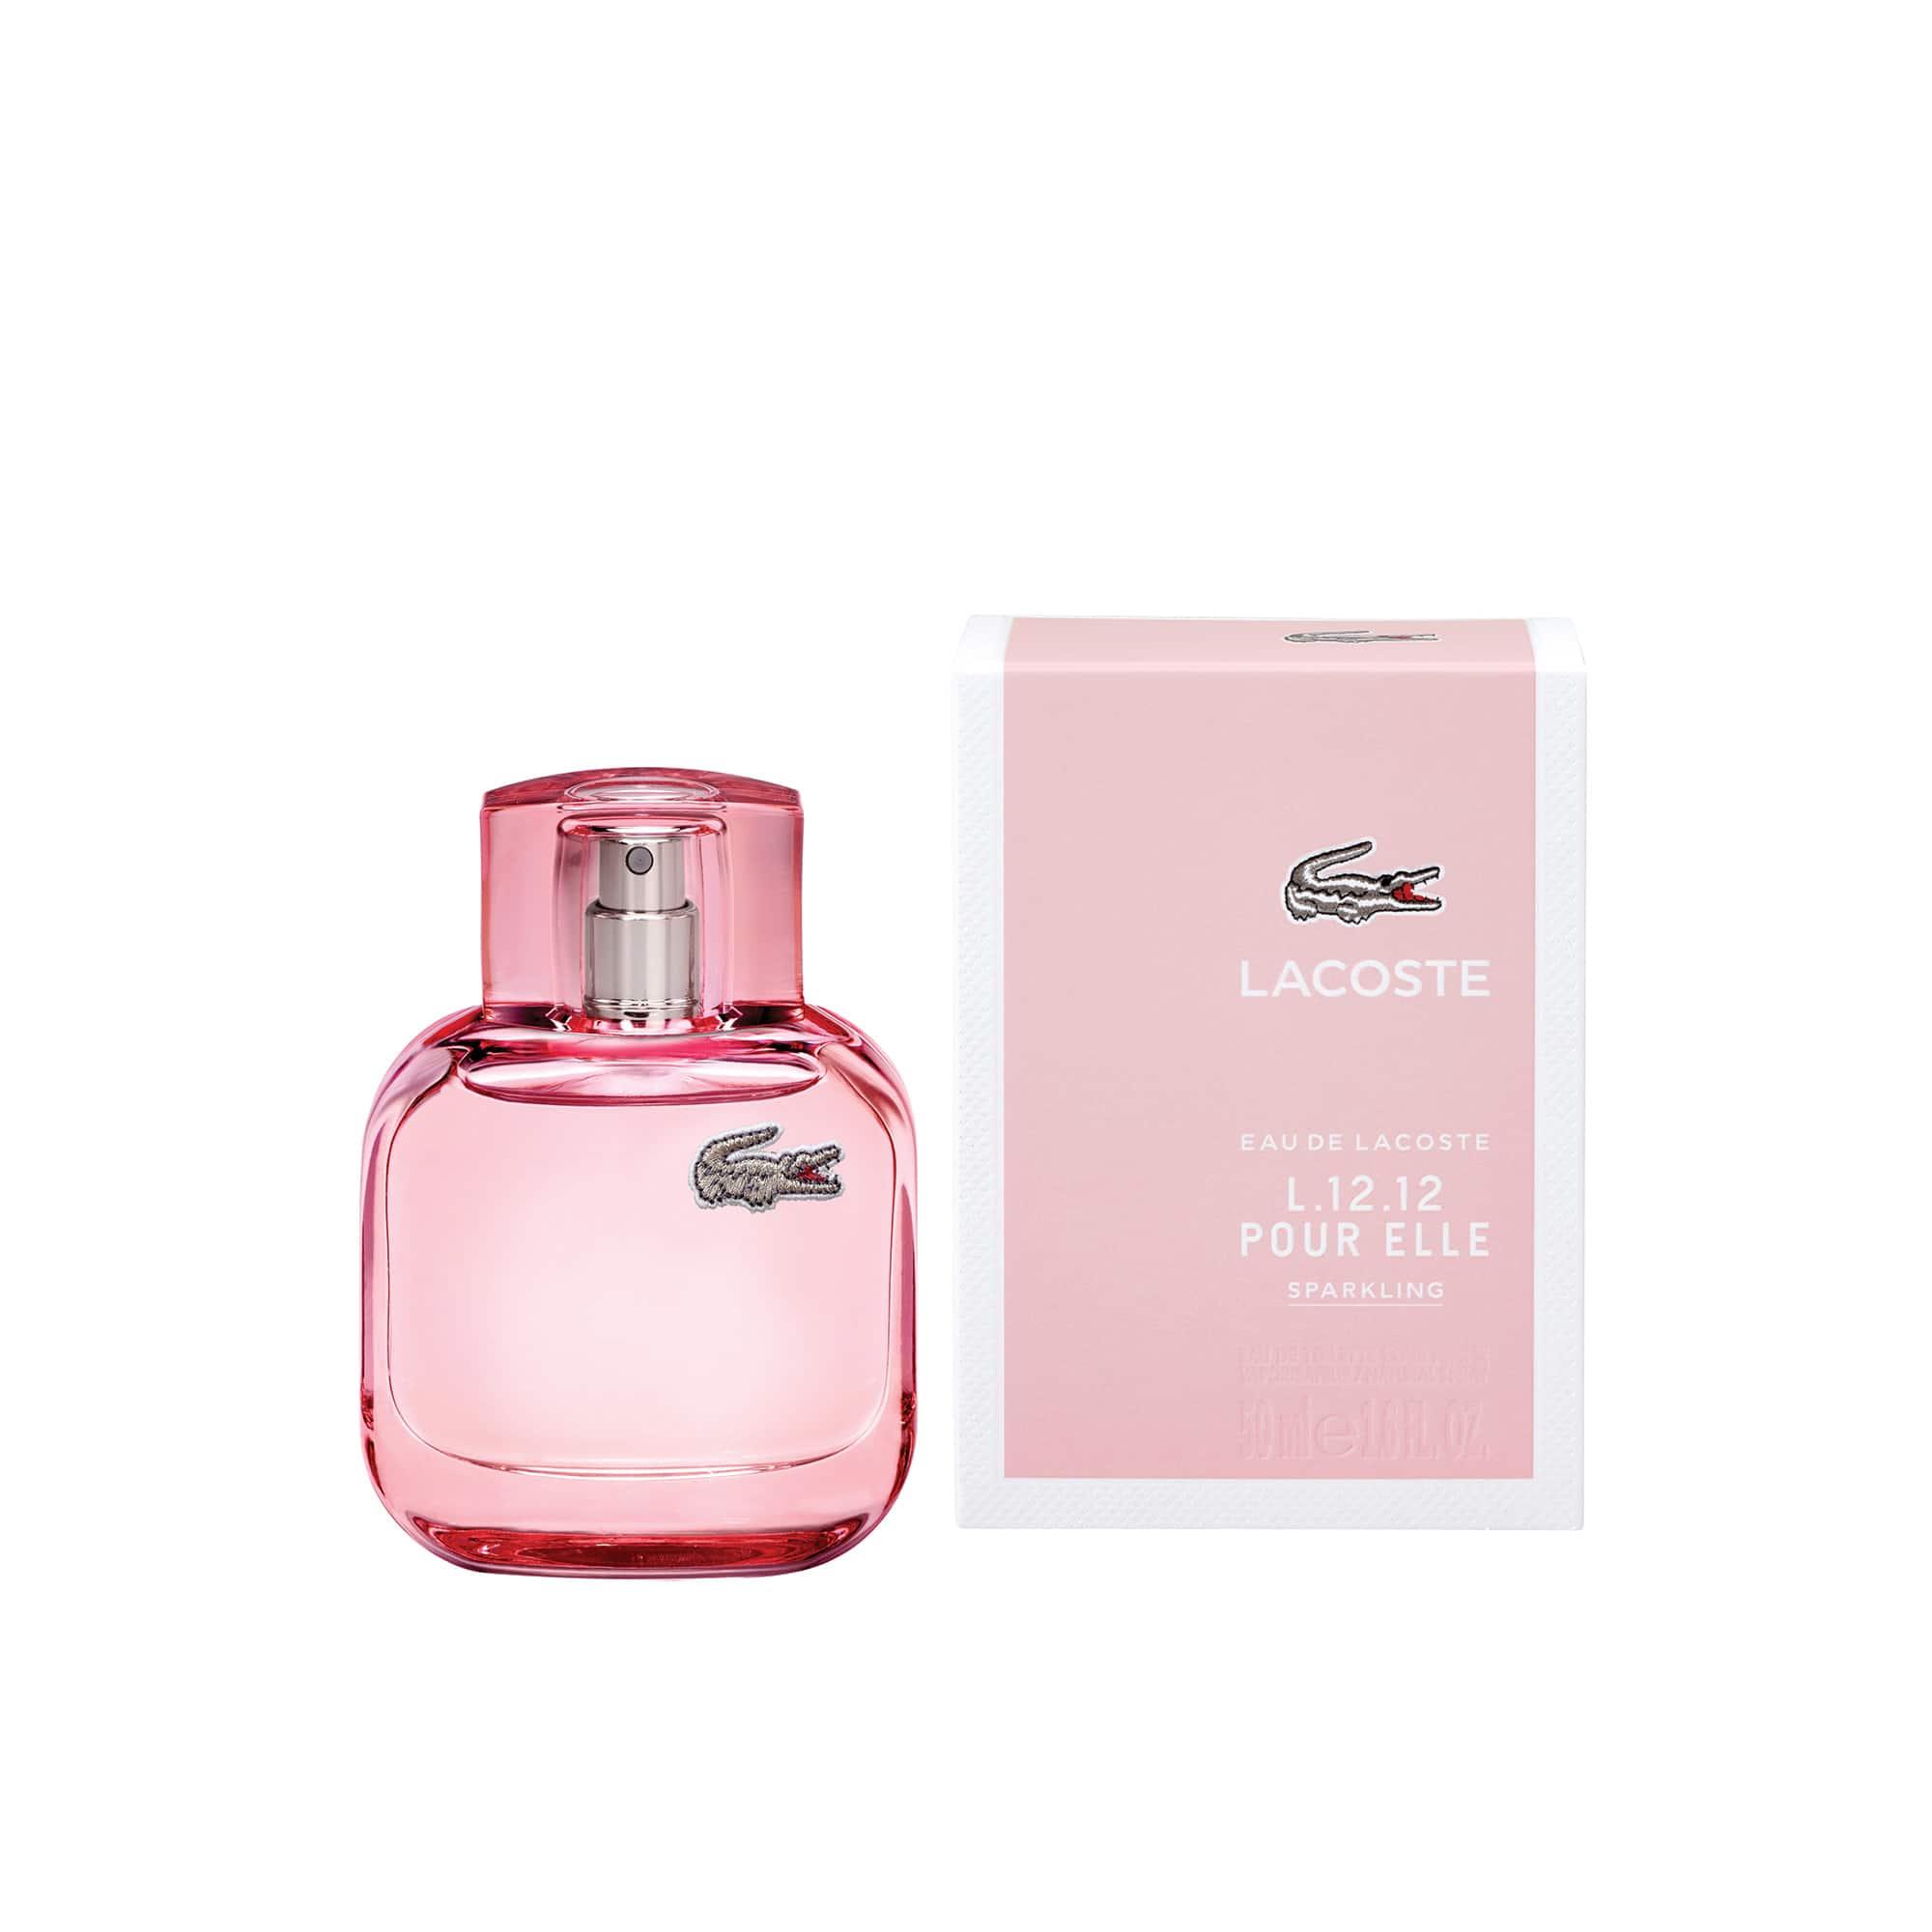 lacoste perfume pour elle